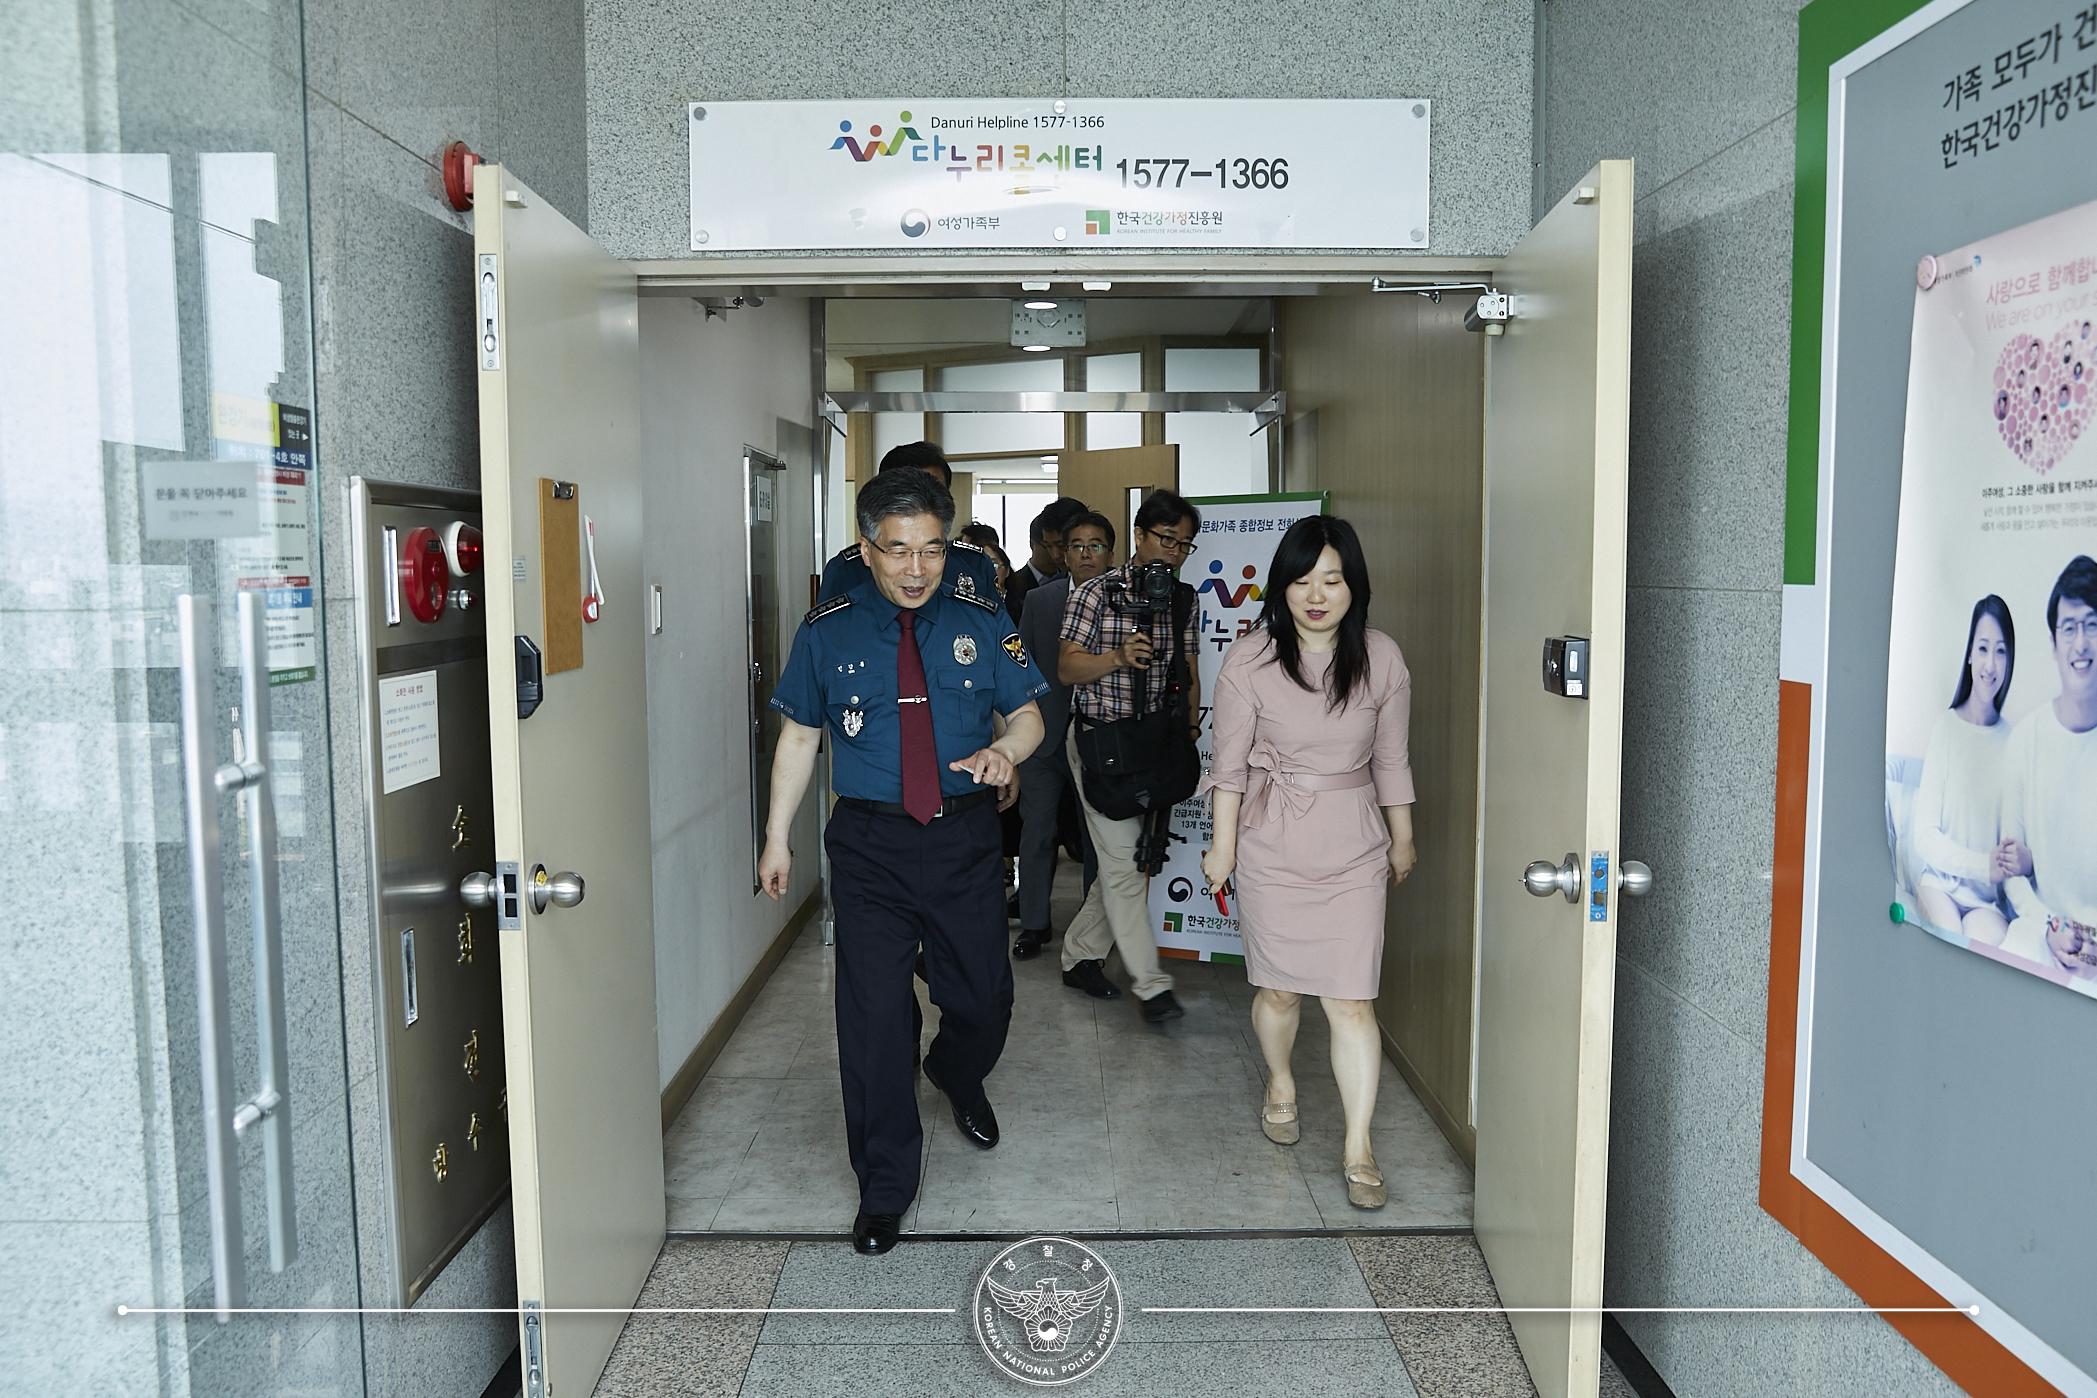 서울서부서·마포구 다누리콜센터 현장 방문